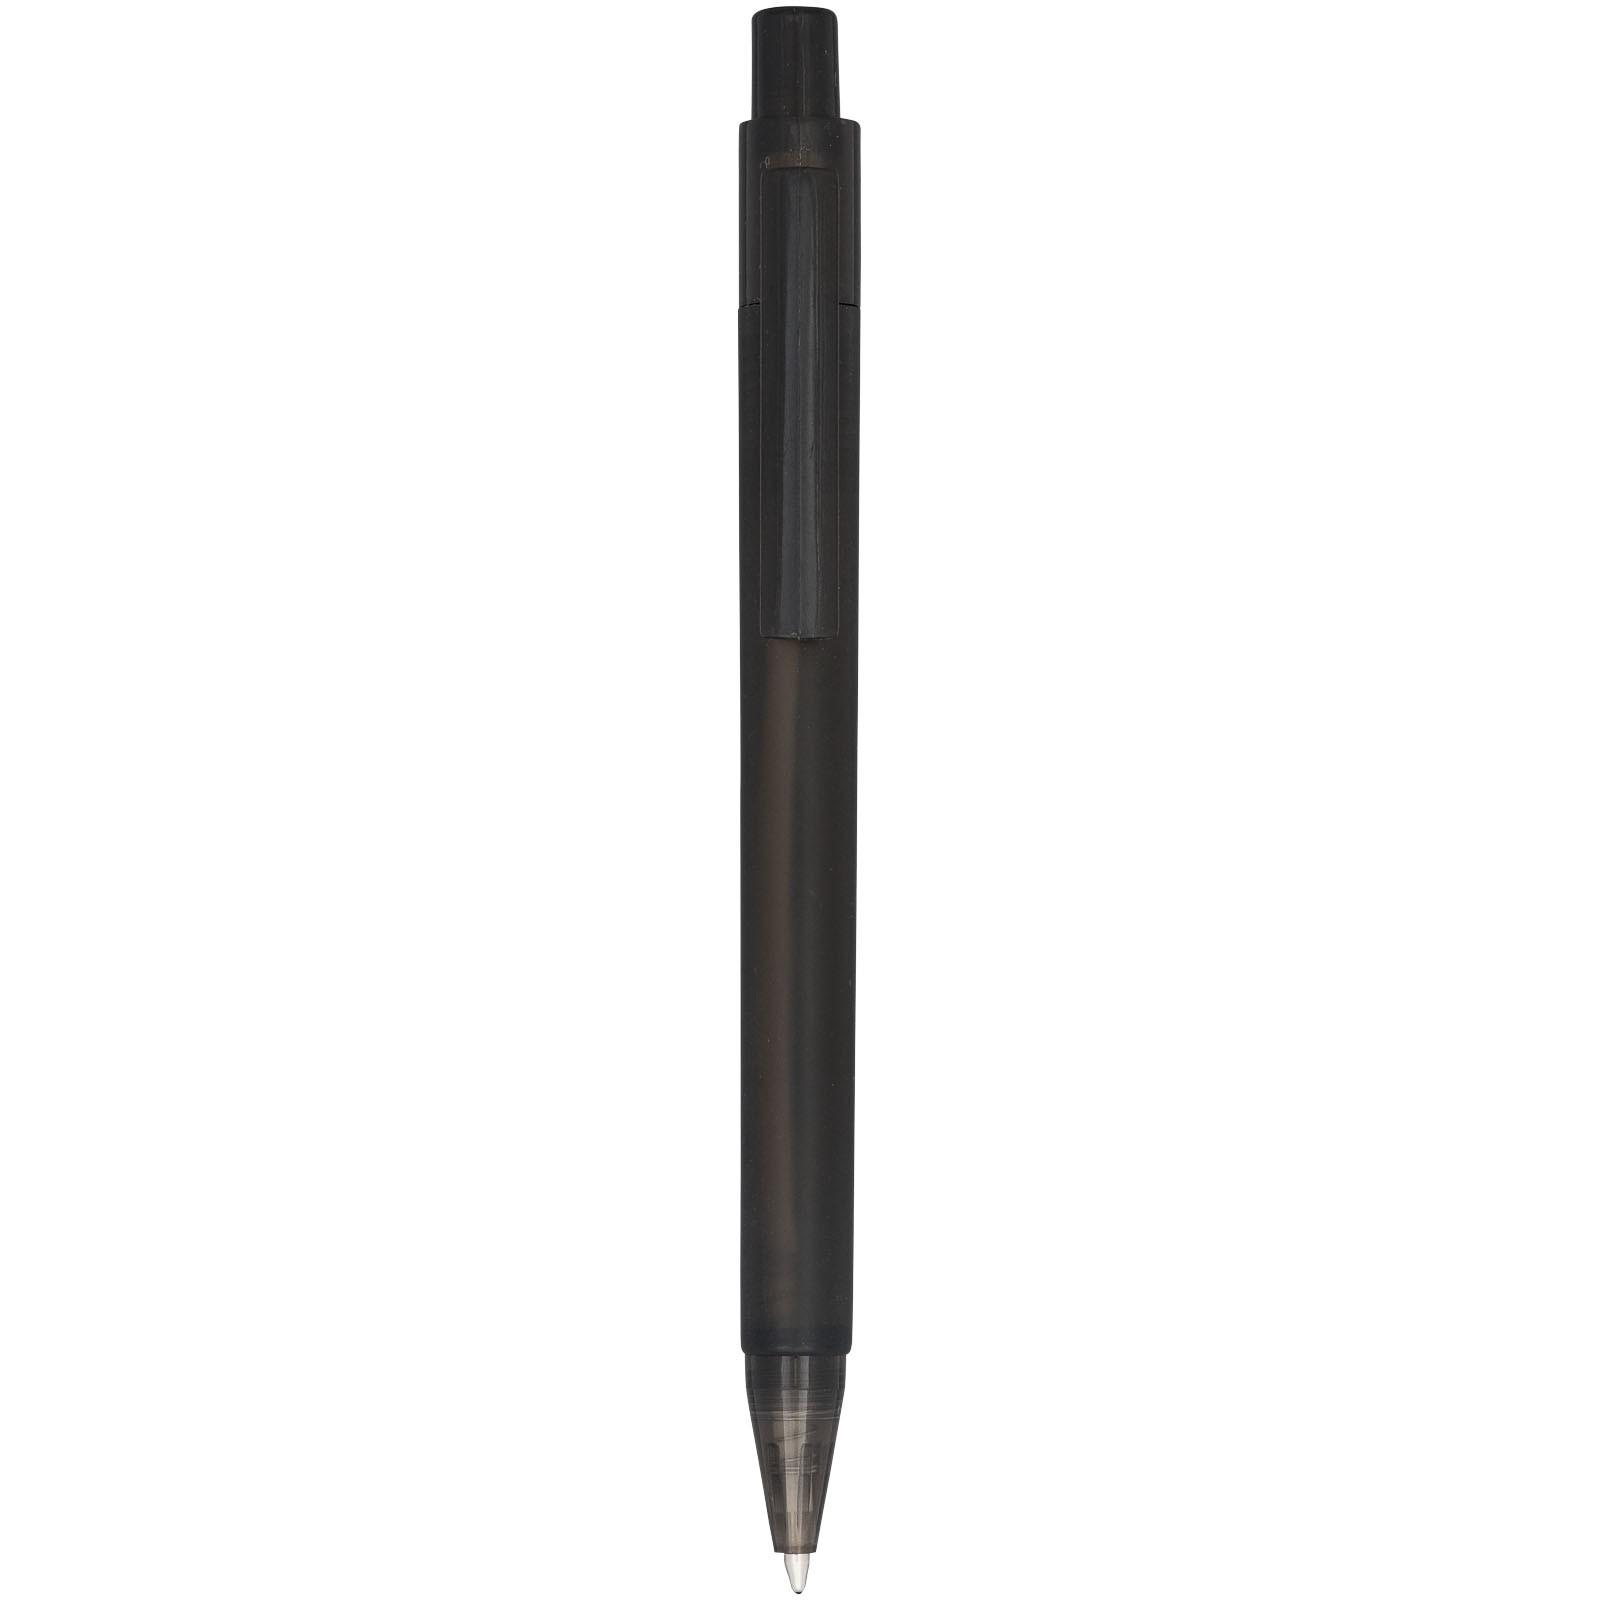 Calypso Kugelschreiber transparent matt - Frosted Black